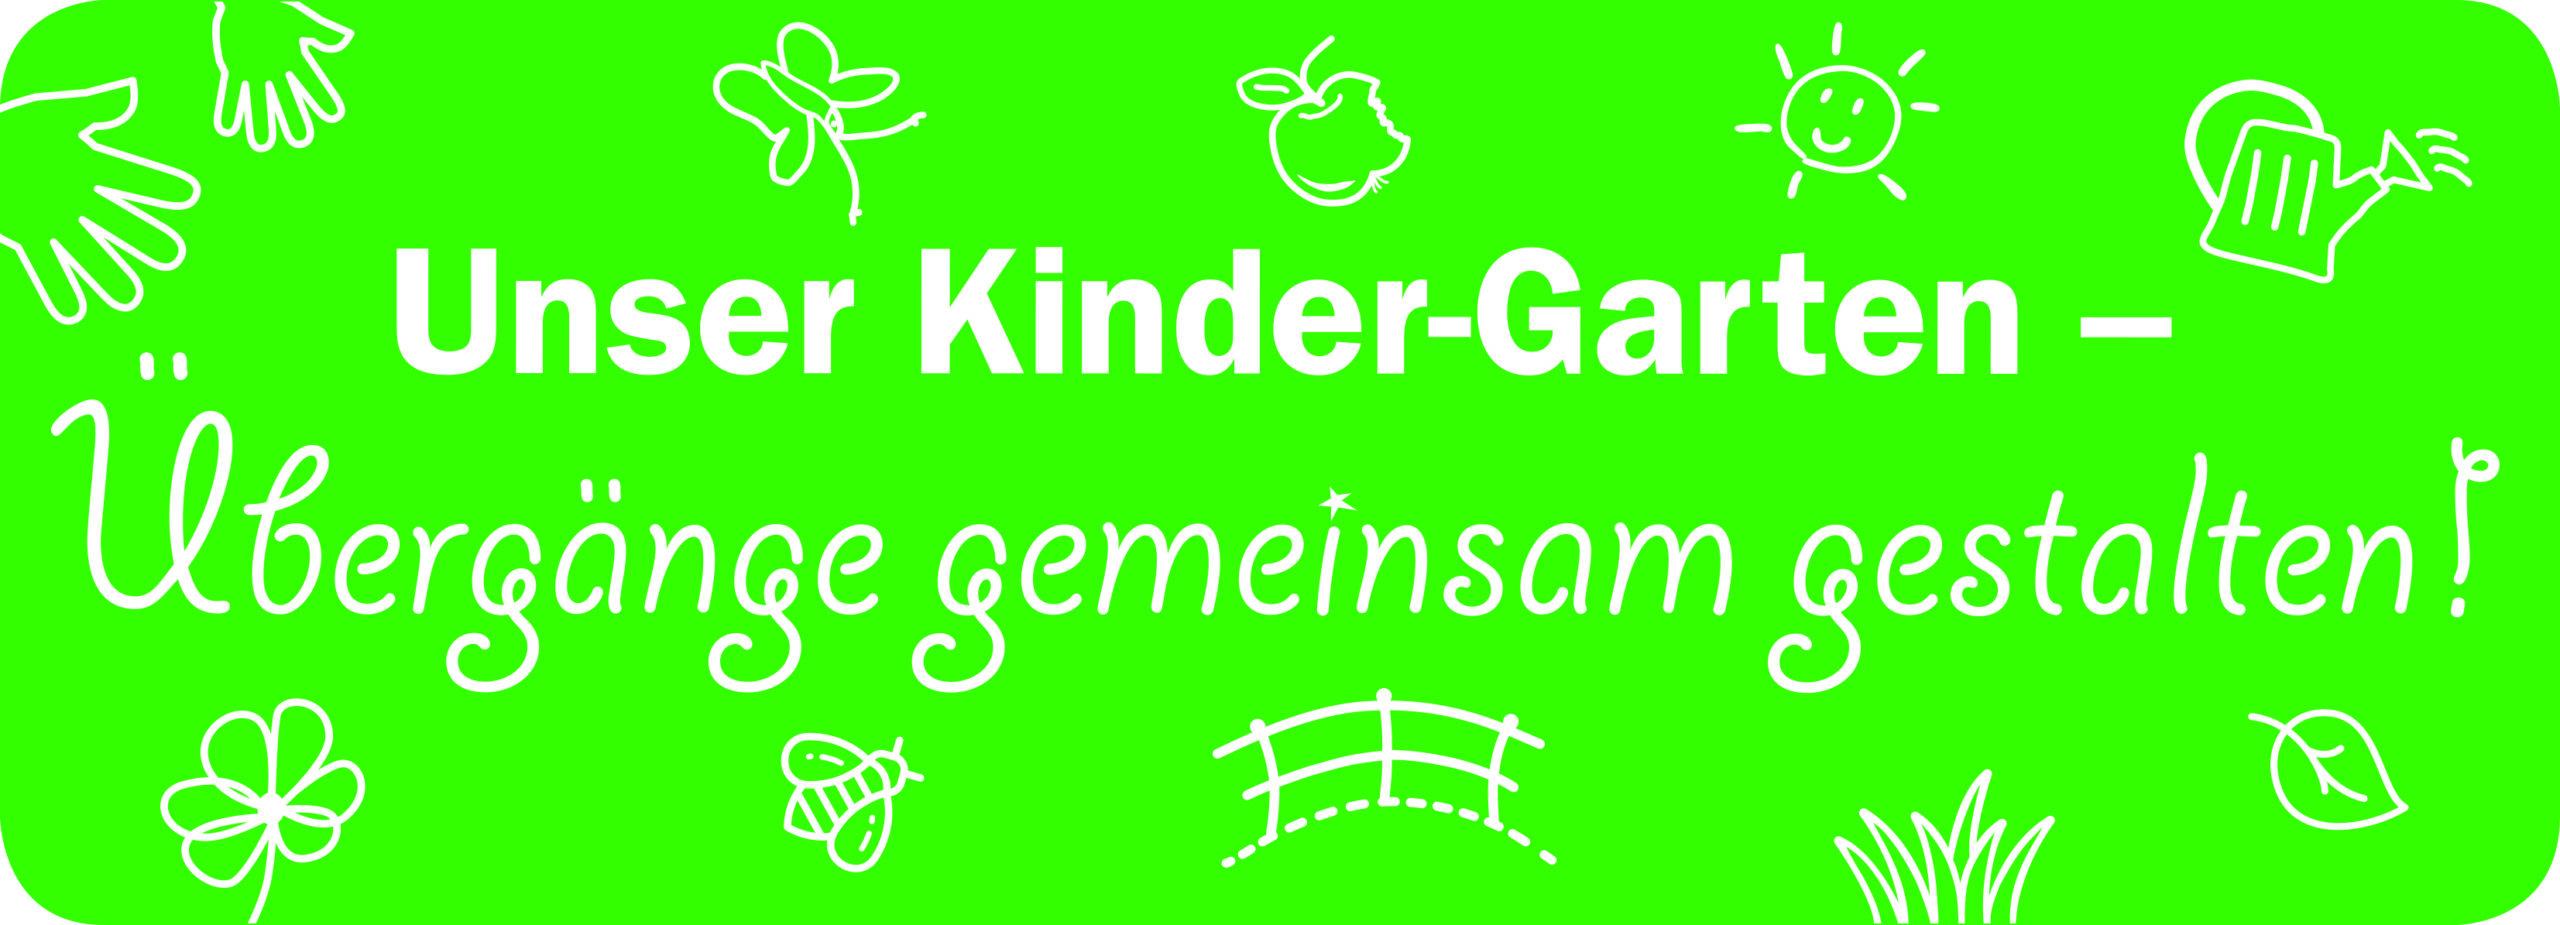 7. Sächsischer Kinder-Garten-Wettbewerb